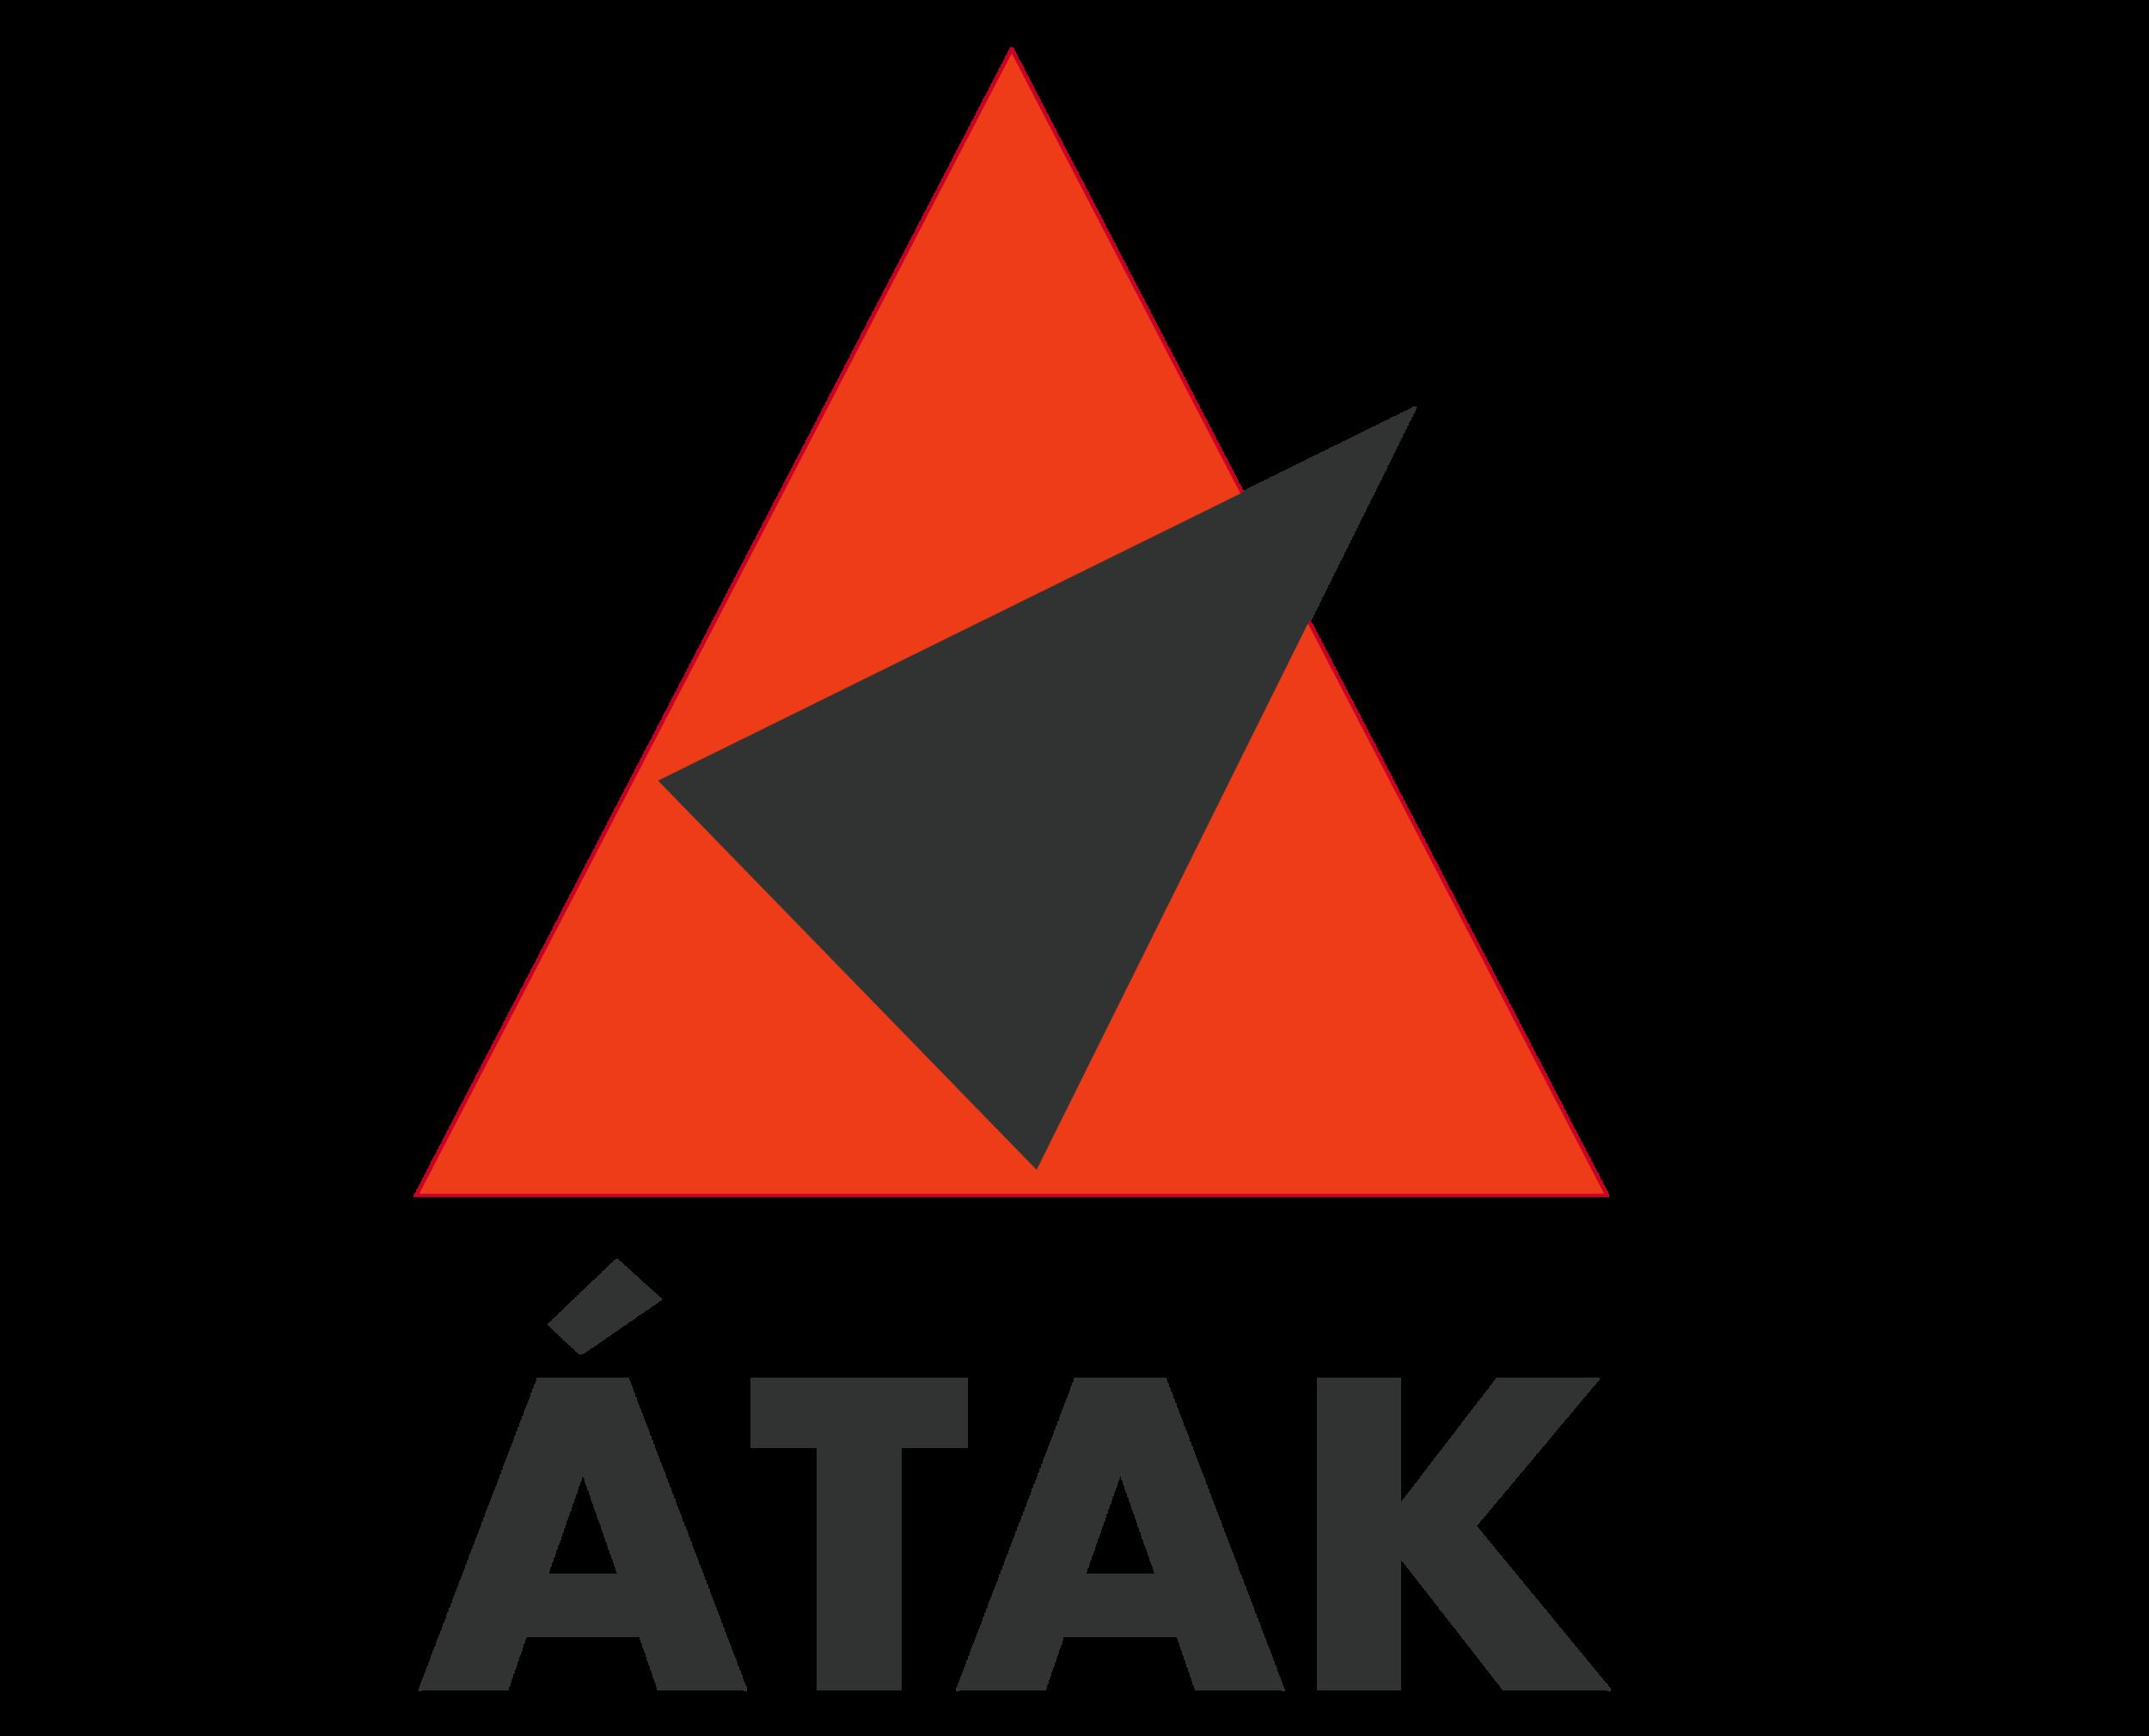 LOGO_ATAK-27.png